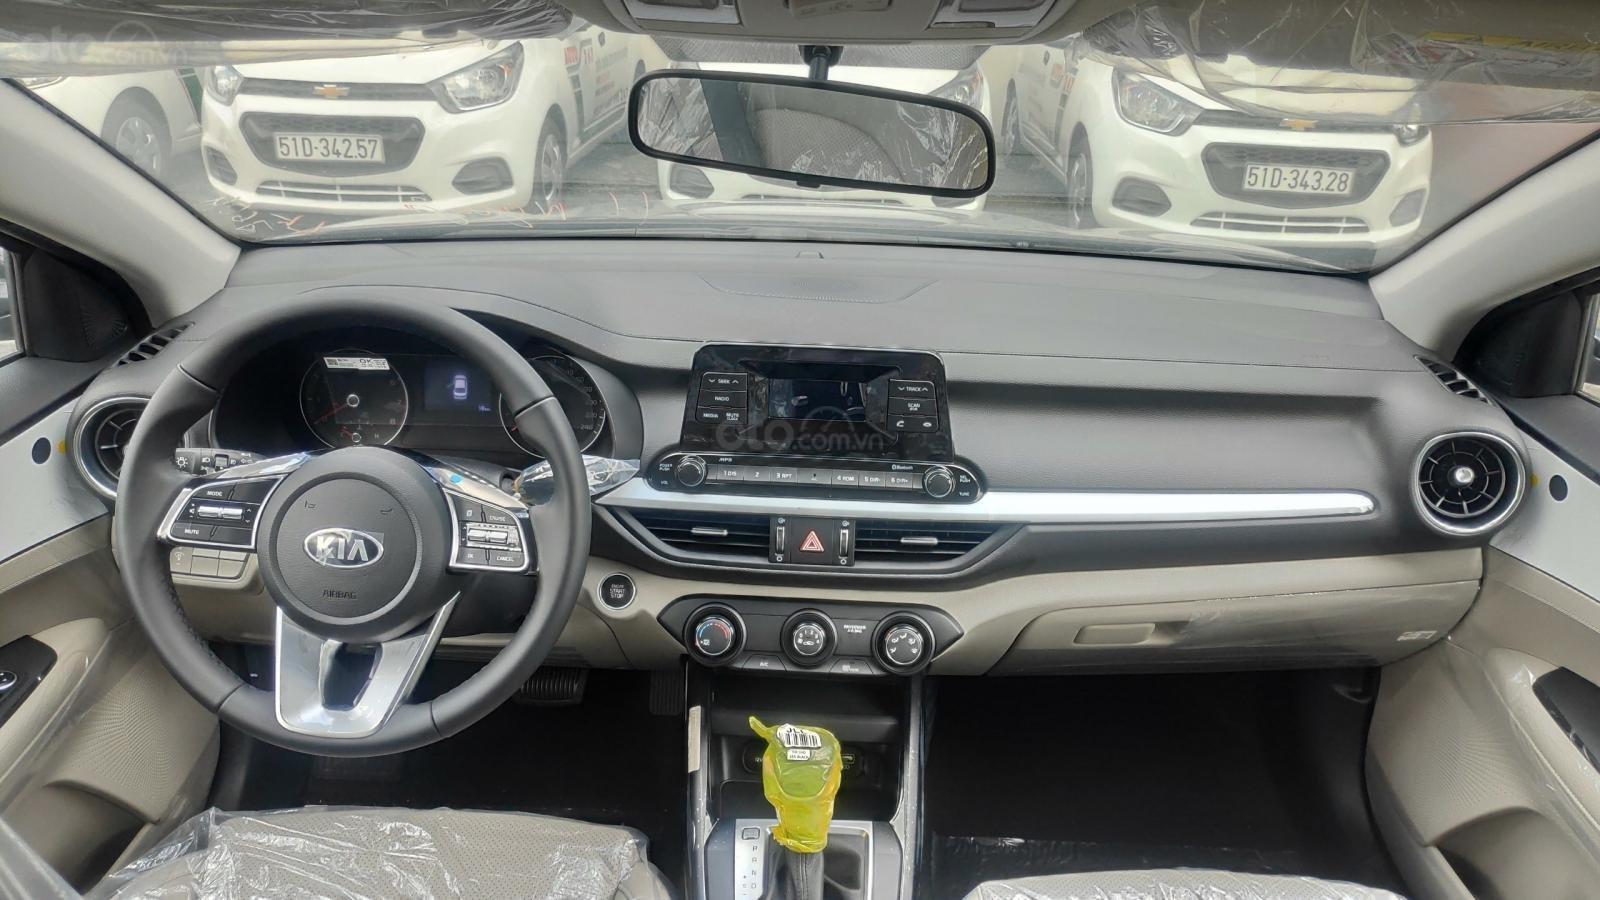 [Kia Thảo Điền] Kia Cerato - Tặng bảo hiểm + Giảm giá tiền mặt + Tặng phụ kiện - Liên hệ 0961.563.593-7